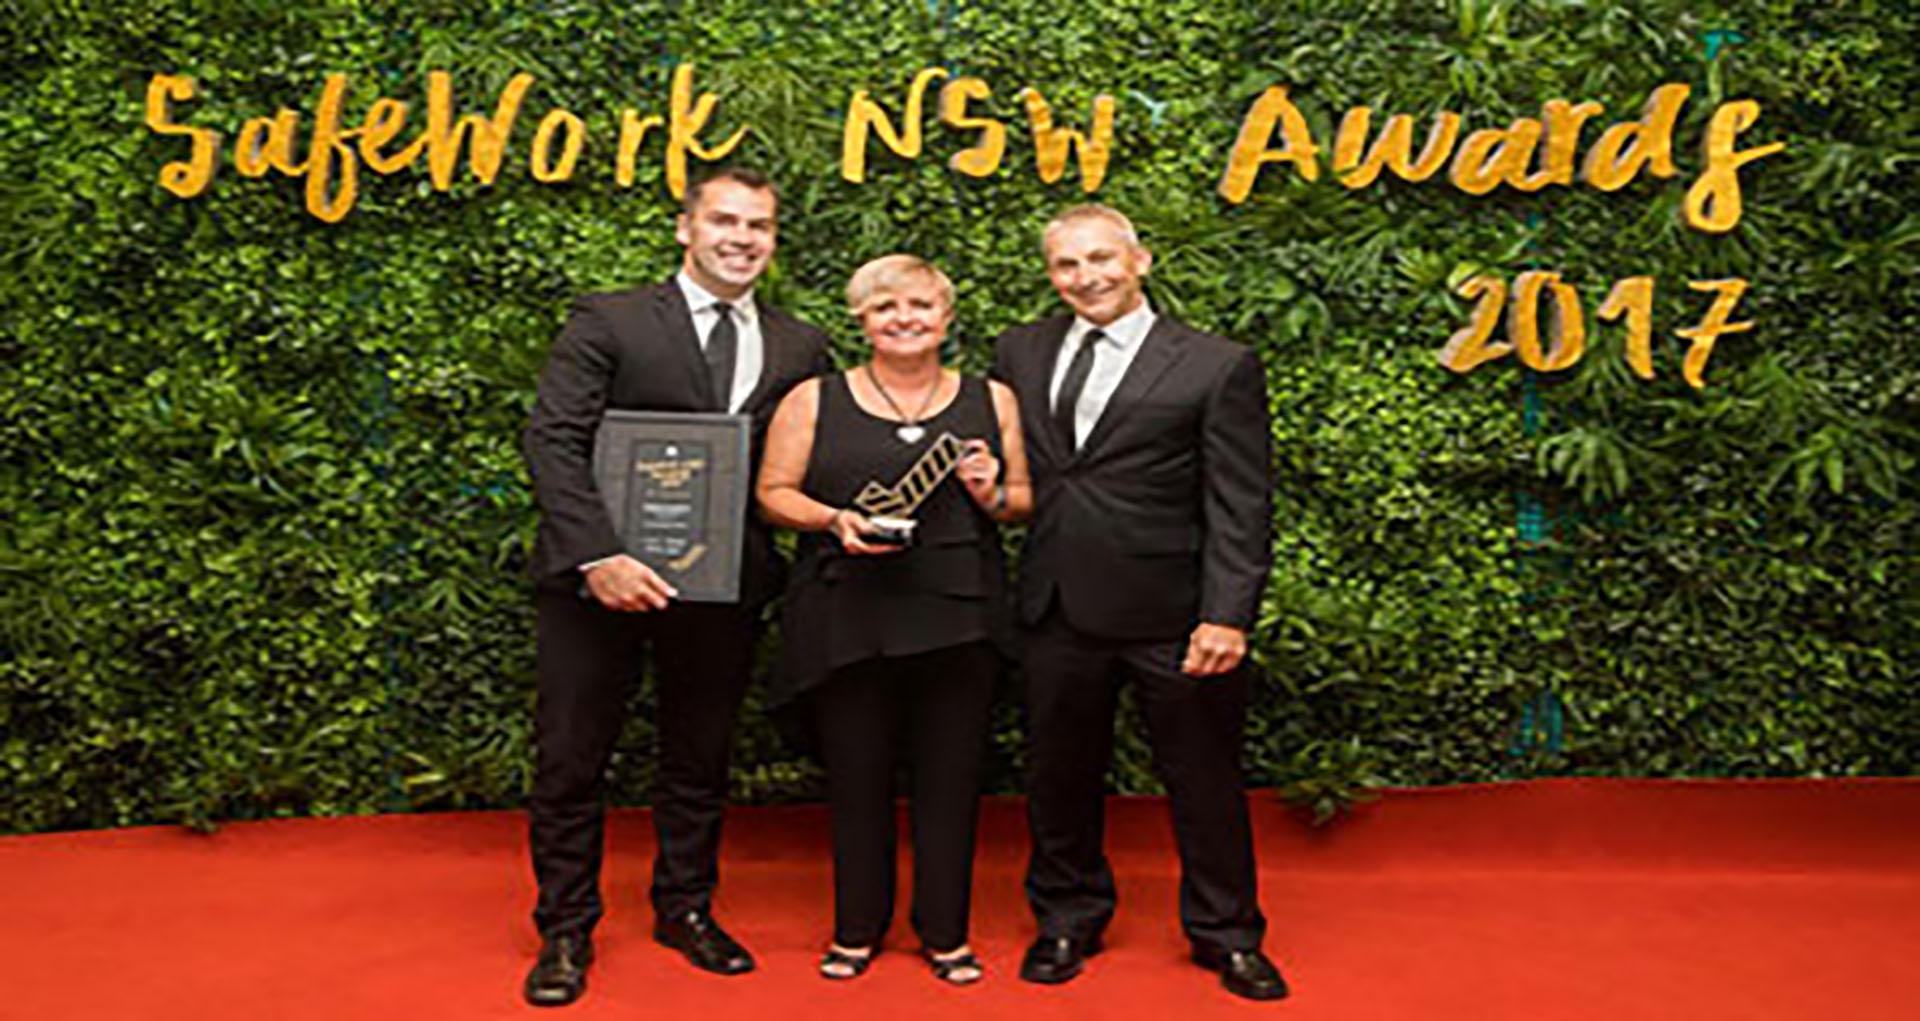 SafeWork-NSW-Awards-2017-PORT-STEPHENS---Web-009 (resized)